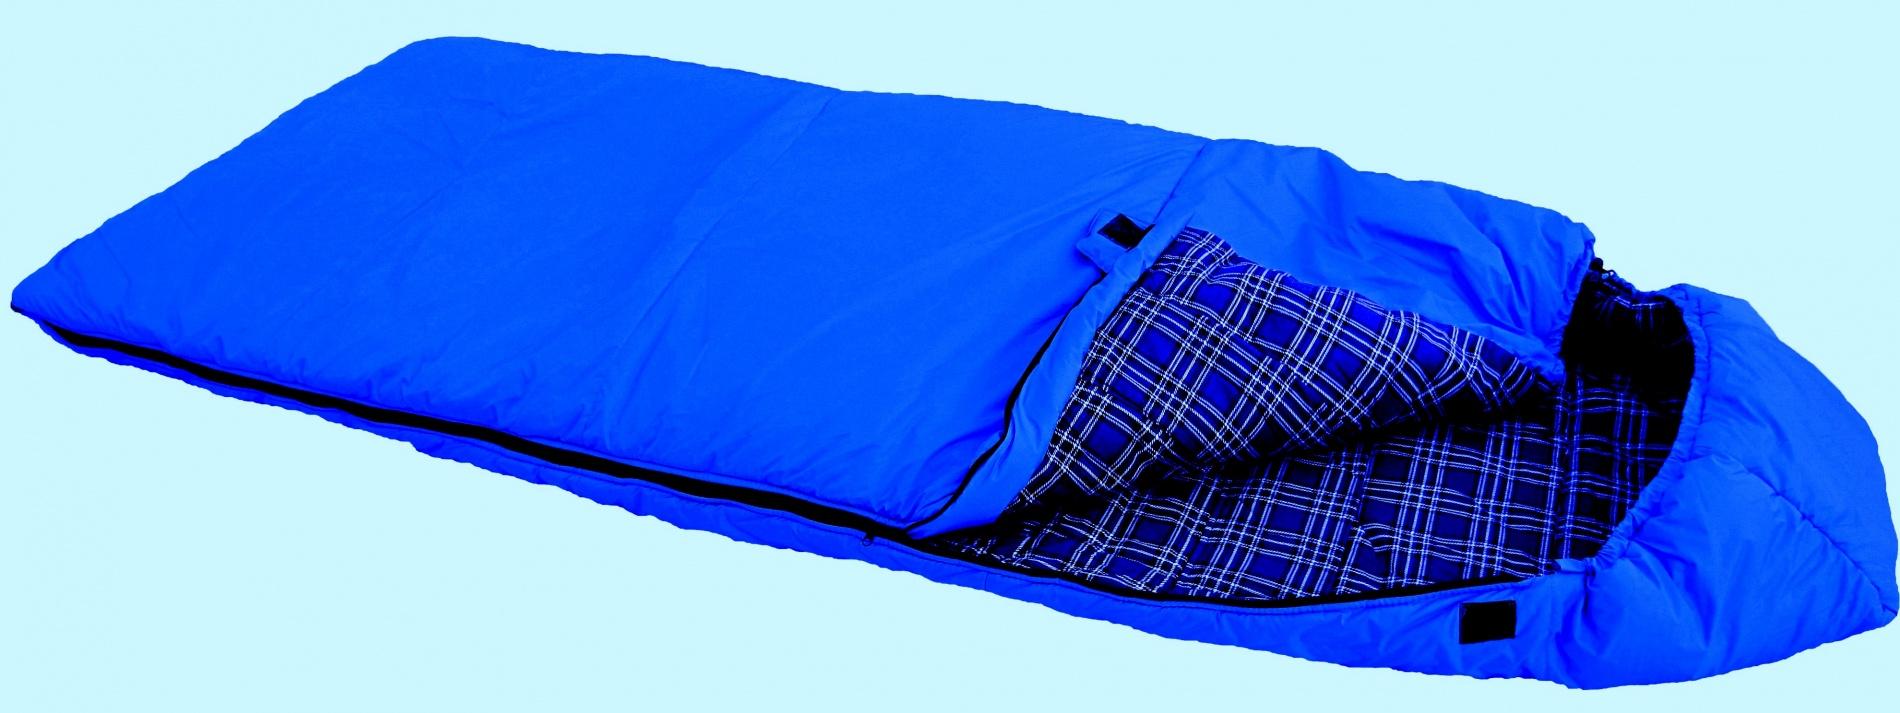 Мешок спальный Тау-5 XXLСпальники<br>Спальный мешок типа Одеяло с капюшоном <br>Двухязычковая молния позволяет полностью <br>раскрыть мешок. Капюшон позволяет полностью <br>укрыть голову от внешних воздействий окружающей <br>среды. Утеплитель: синтетический Bio-tex 500 <br>гр/м2 Высококачественный утеплитель bio-tex <br>из полого сильно извитого силиконизированного <br>волокна, 100% полиэстр. Спиральная форма волокна <br>и силикон позволяет сохранять свою форму <br>и легко восстанавливать ее после сжатия <br>и стирки. Уникальная структура термофиксированного <br>нетканного утеплителя bio-tex обеспечивают <br>высокие потребительские качества. Надежно <br>сохраняет тепло, не впитывает влагу. Прекрасно <br>поддерживает микроклимат человека, пропускает <br>воздух. Не вызывает аллергии, не впитывает <br>запахи, идеален для людей, страдающих бронхиальной <br>астмой. Изделия с утеплителем bio-tex легко <br>стираются в теплой воде и быстро сохнут <br>при комнатной температуре. Ткань верха: <br>Dewspo. Ткань подклада: Фланель Температура <br>комфорт/экстрим: -10/-25<br><br>Сезон: зима